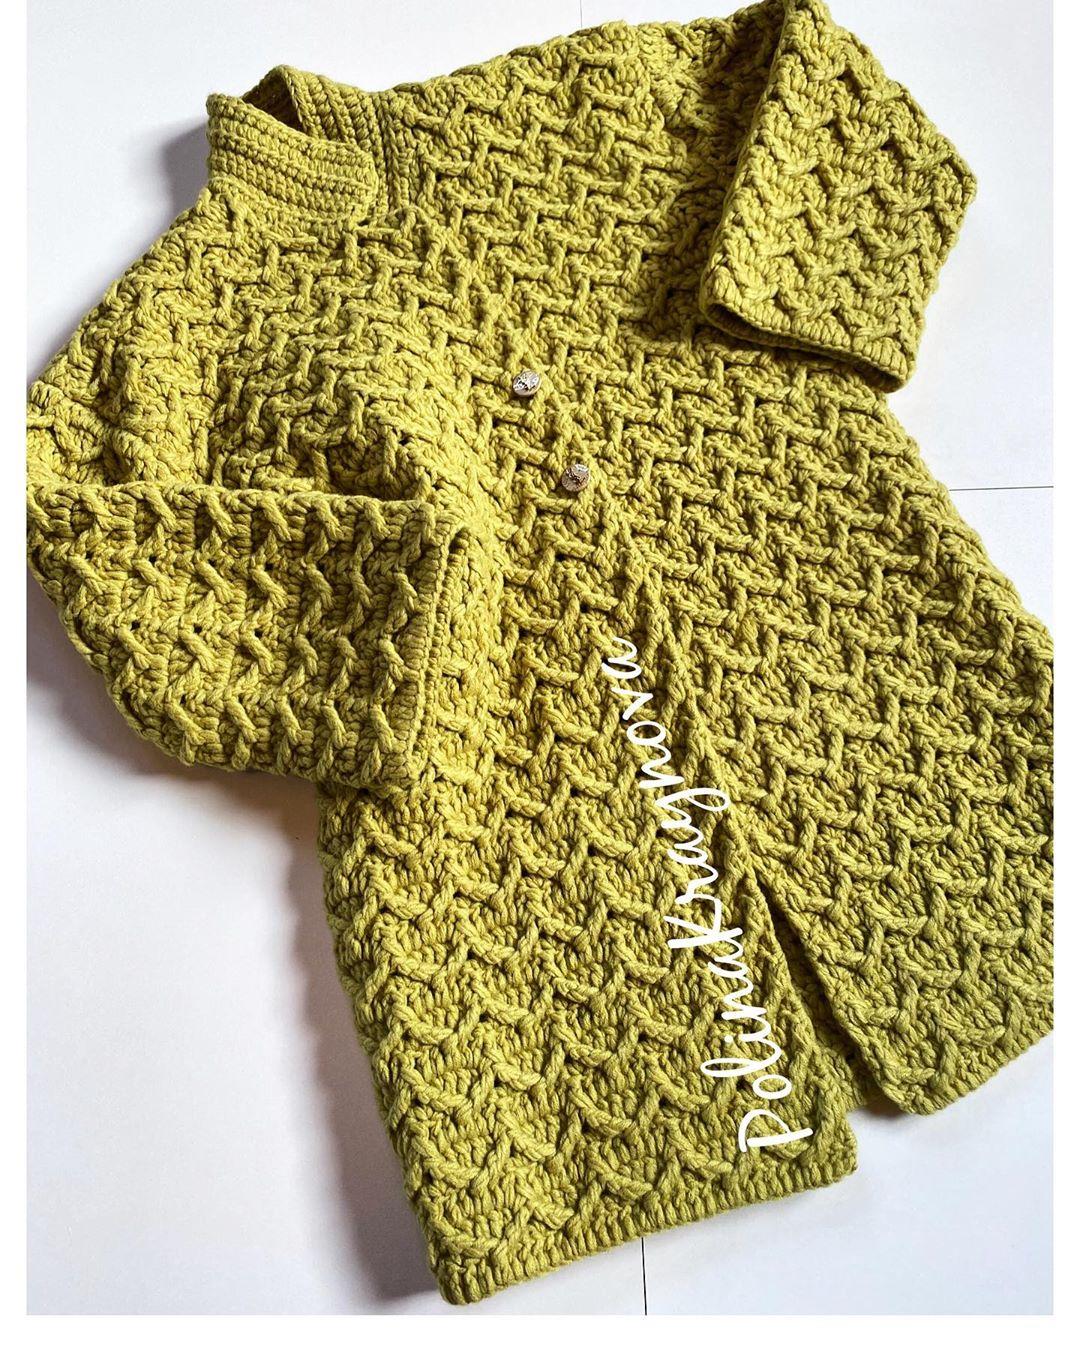 Что Происходит На Свете? — А Просто Чума Пальто - Crochet Cardigan